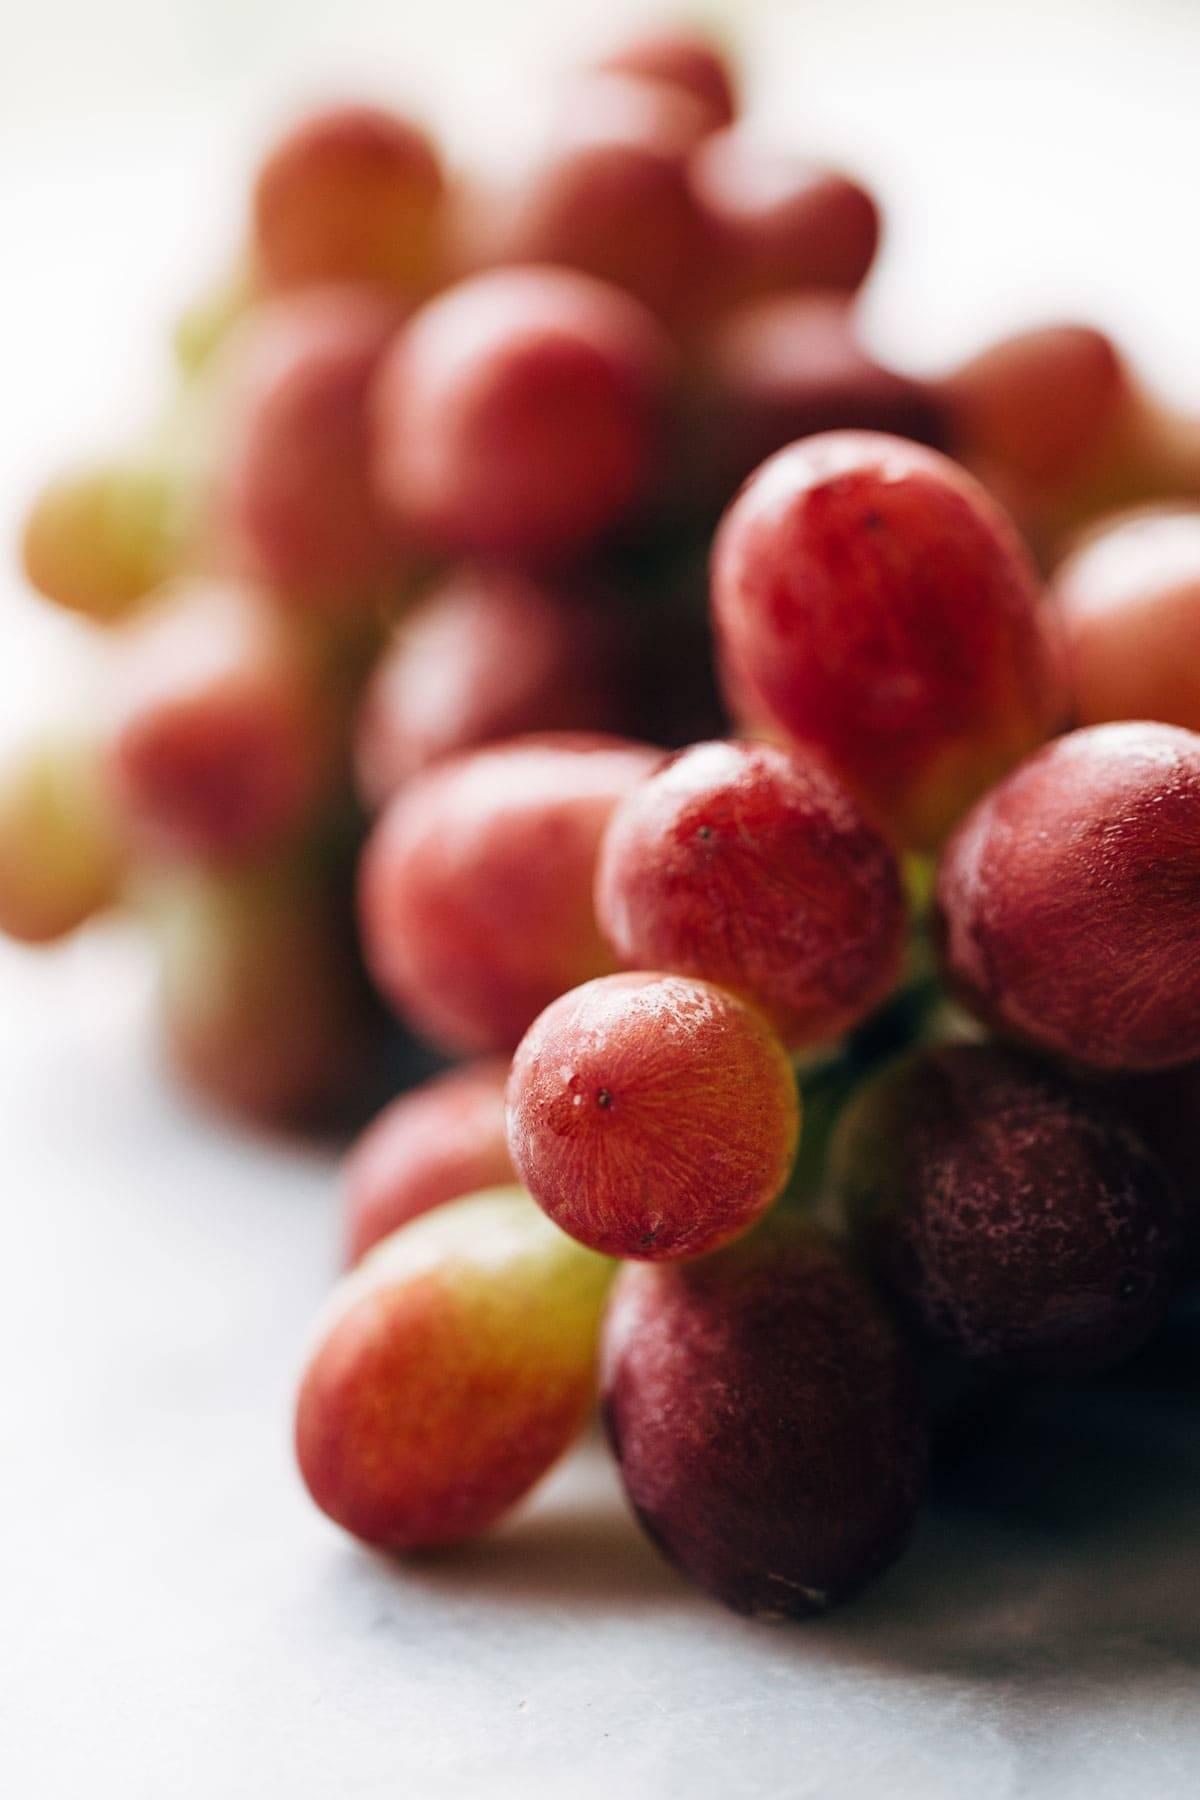 Grapes | pinchofyum.com